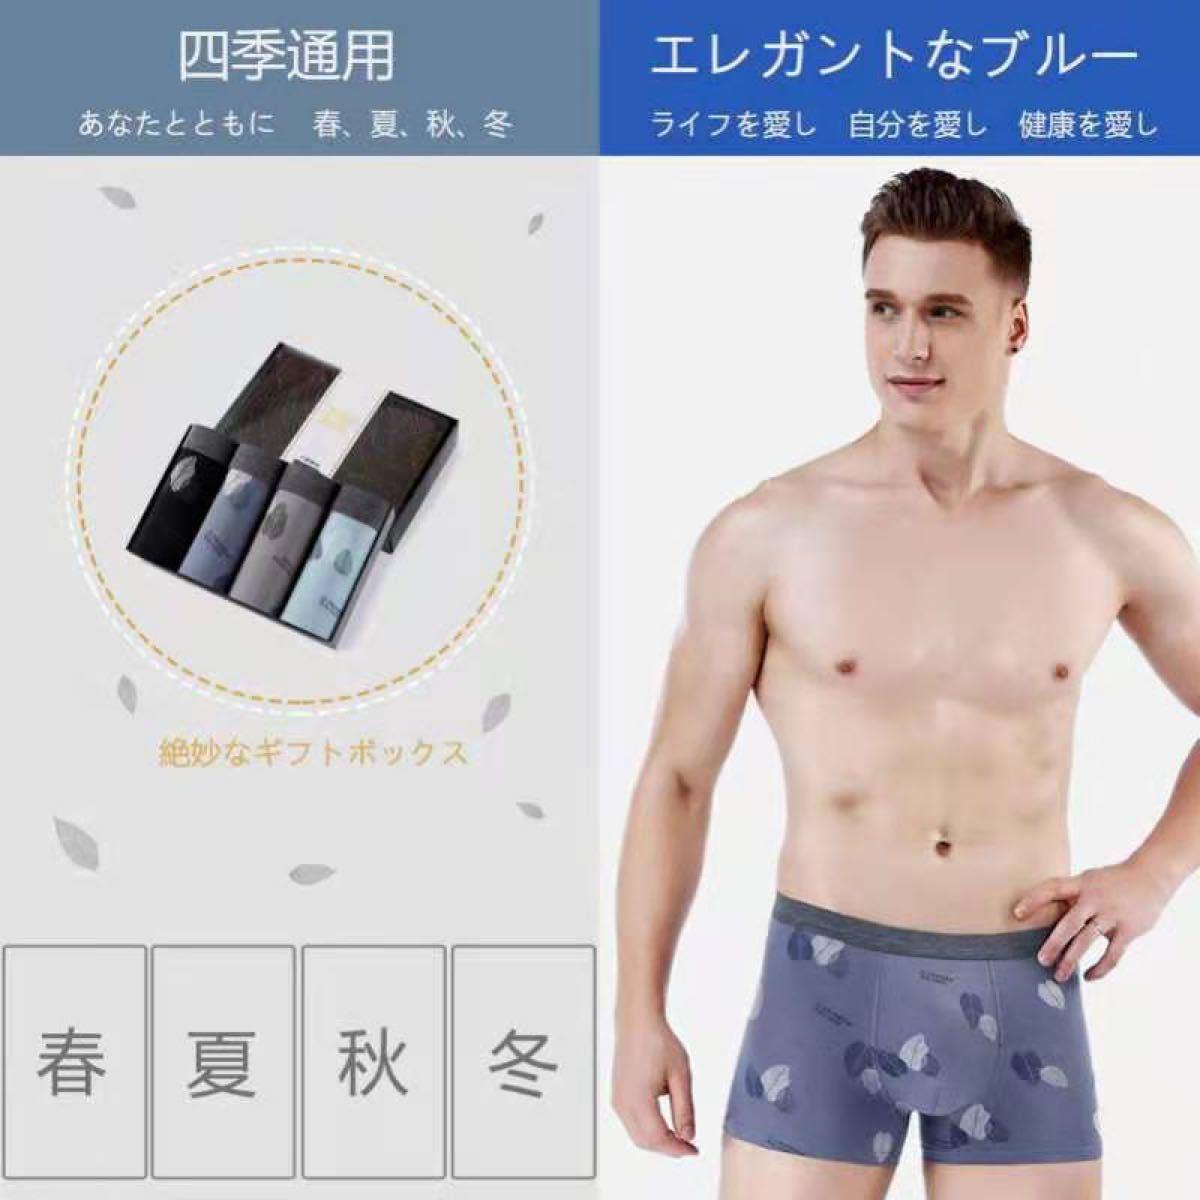 ボクサーパンツ メンズ 男性用 下着 綿ブリーフ シームレス 快適 ムレない U字型立体デザイン 綿素材8枚組 4XL